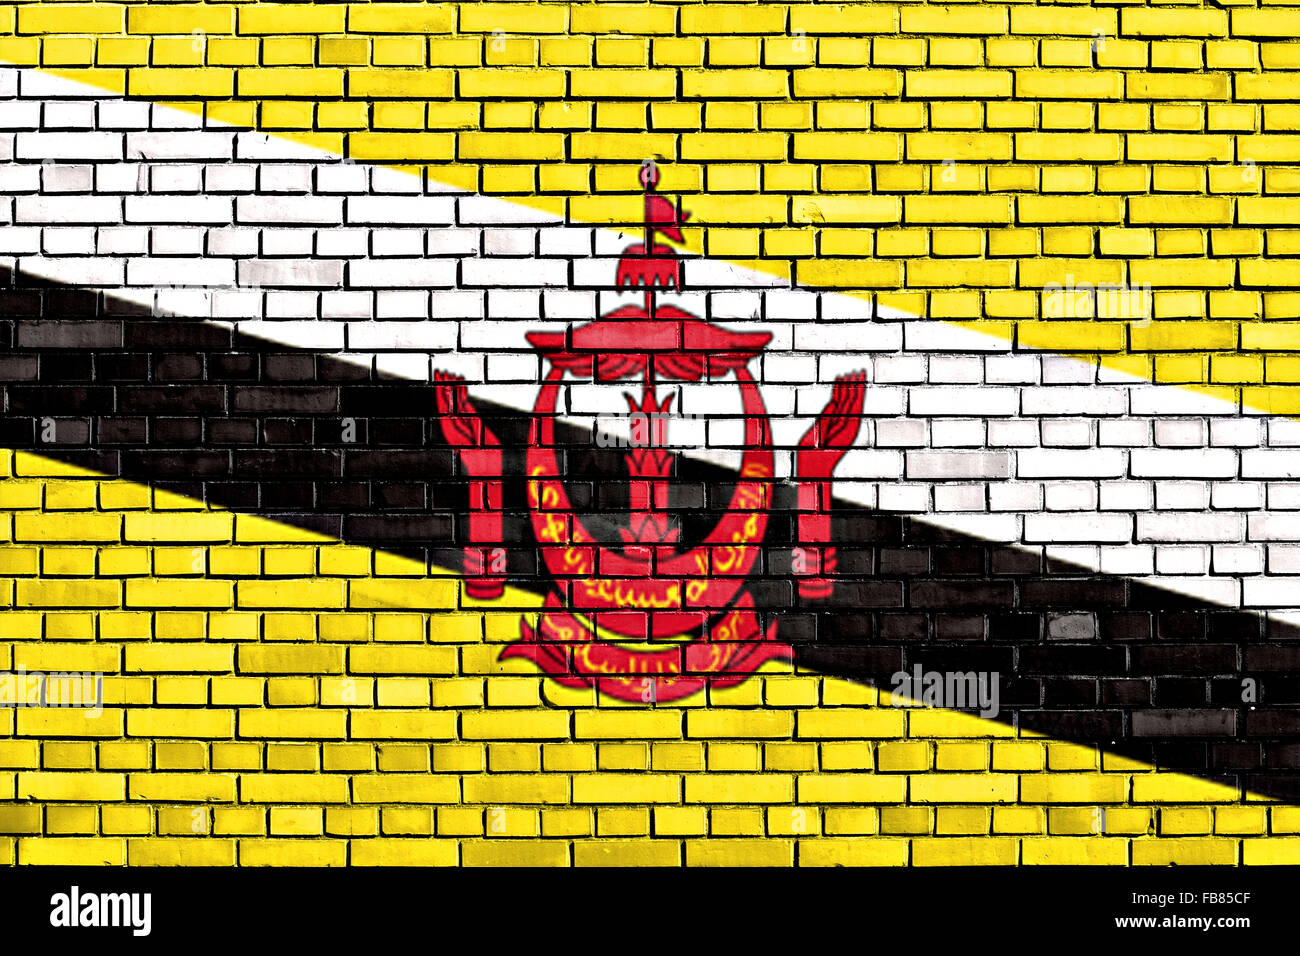 Bandera de Brunei pintado sobre la pared de ladrillo Foto de stock